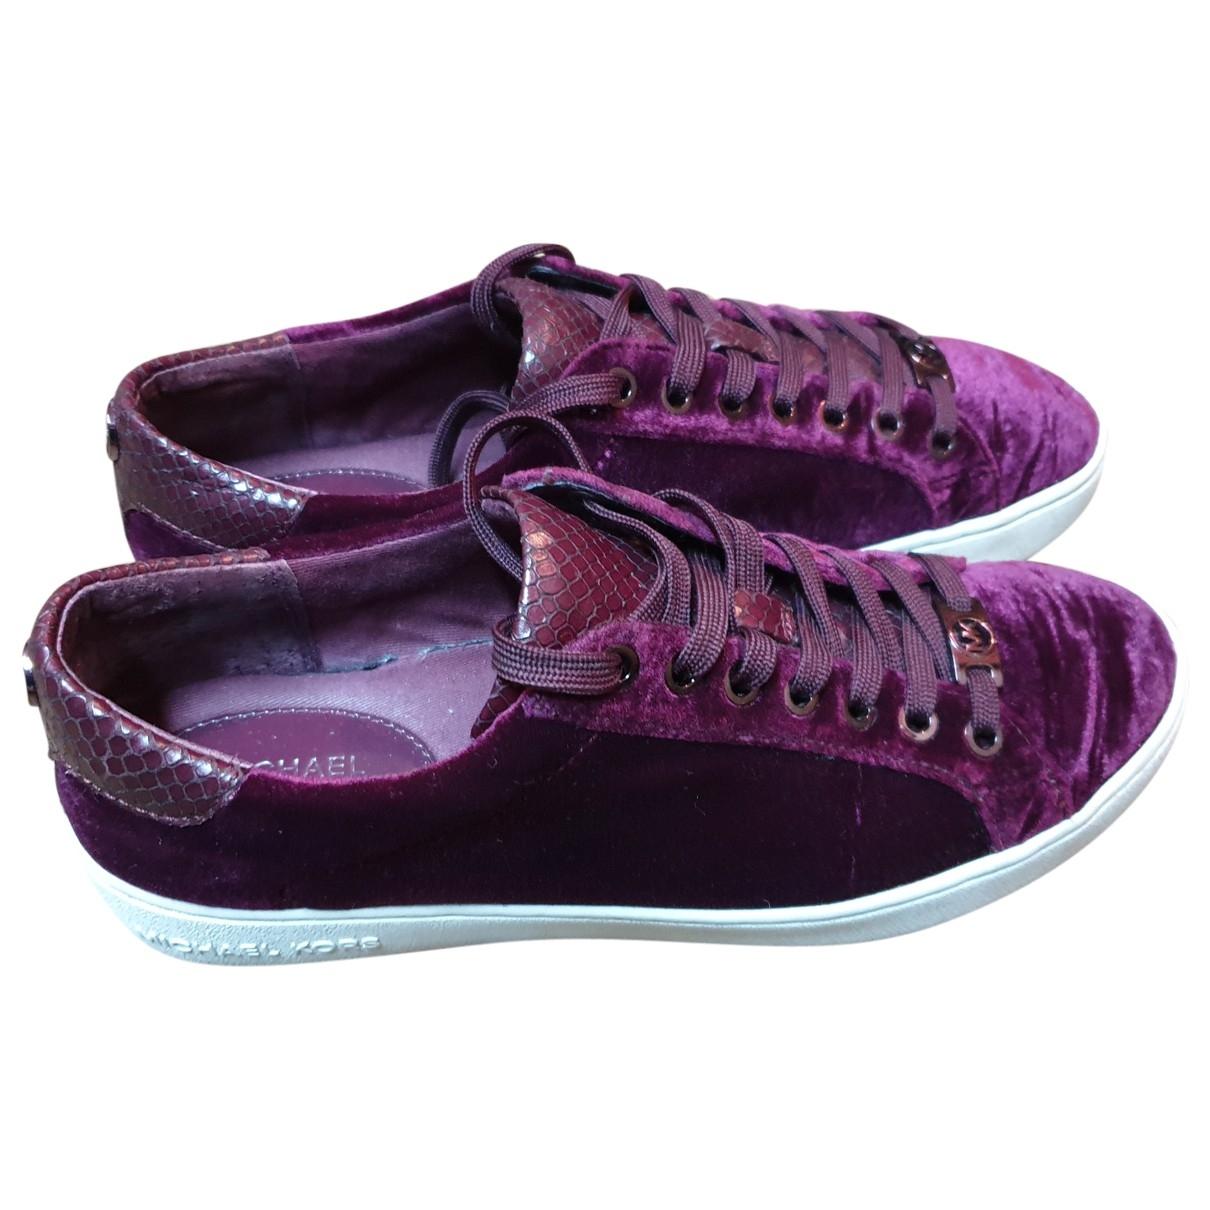 Michael Kors \N Sneakers in  Lila Samt